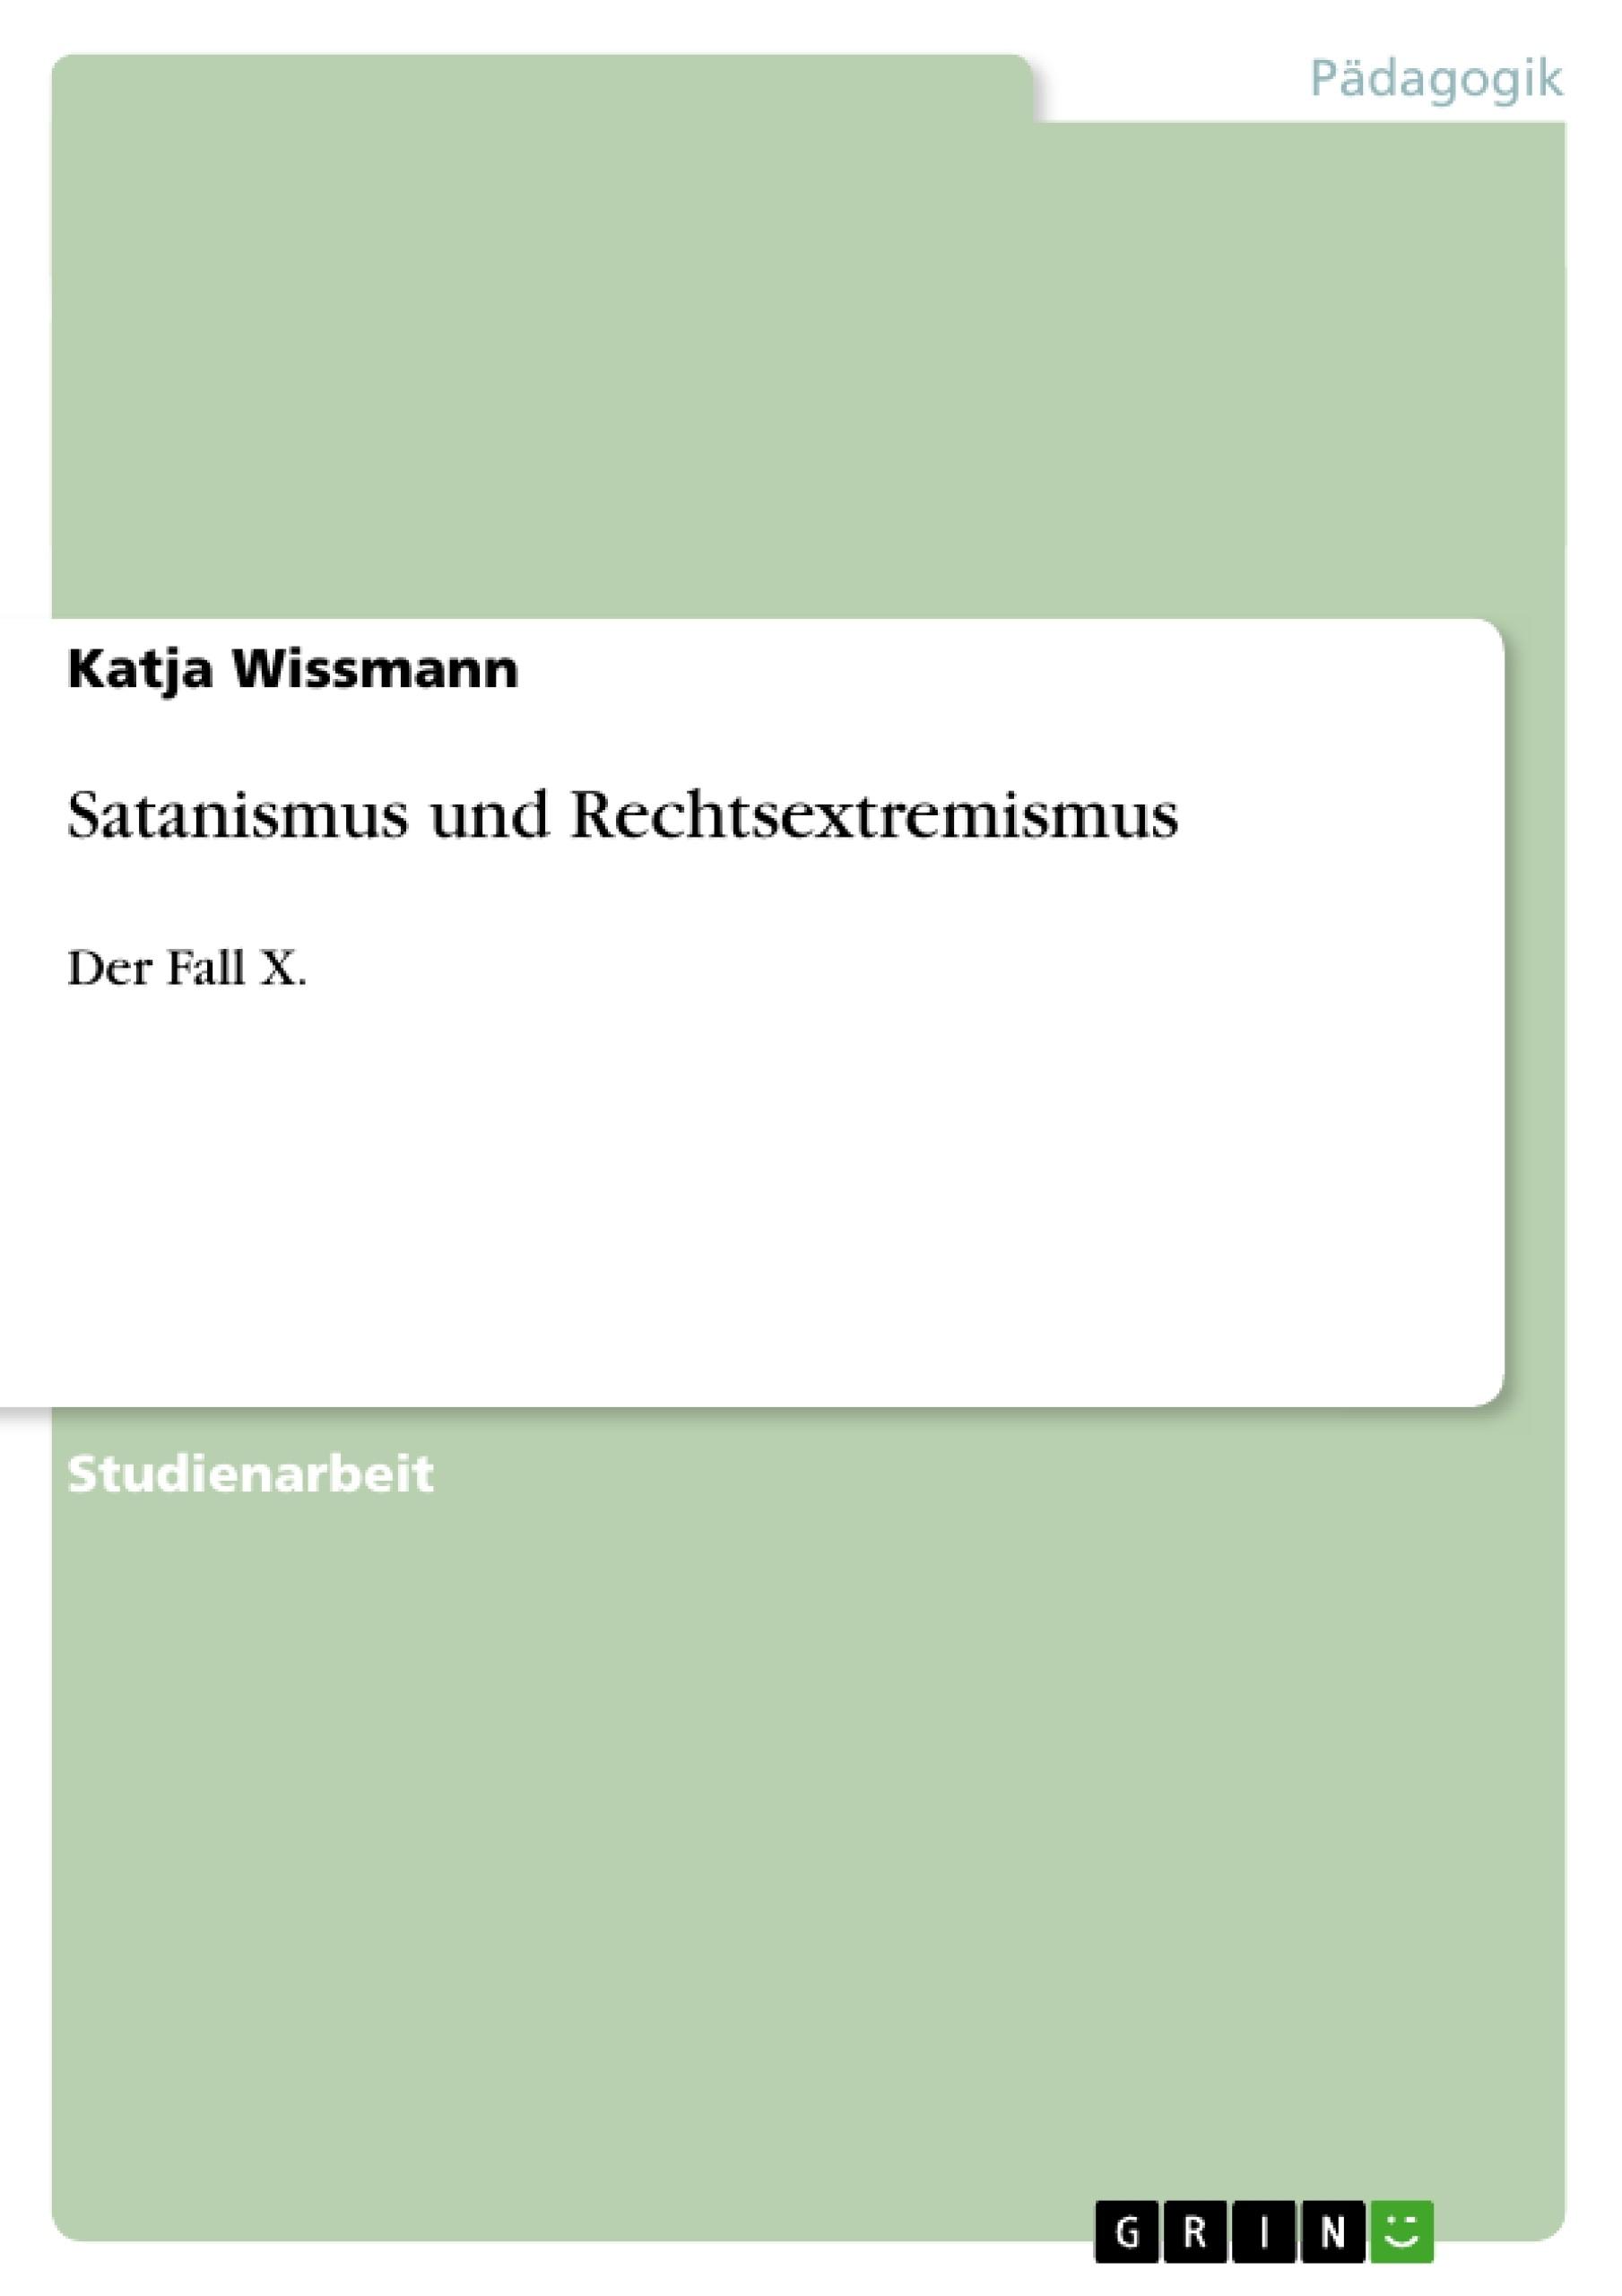 Titel: Satanismus und Rechtsextremismus